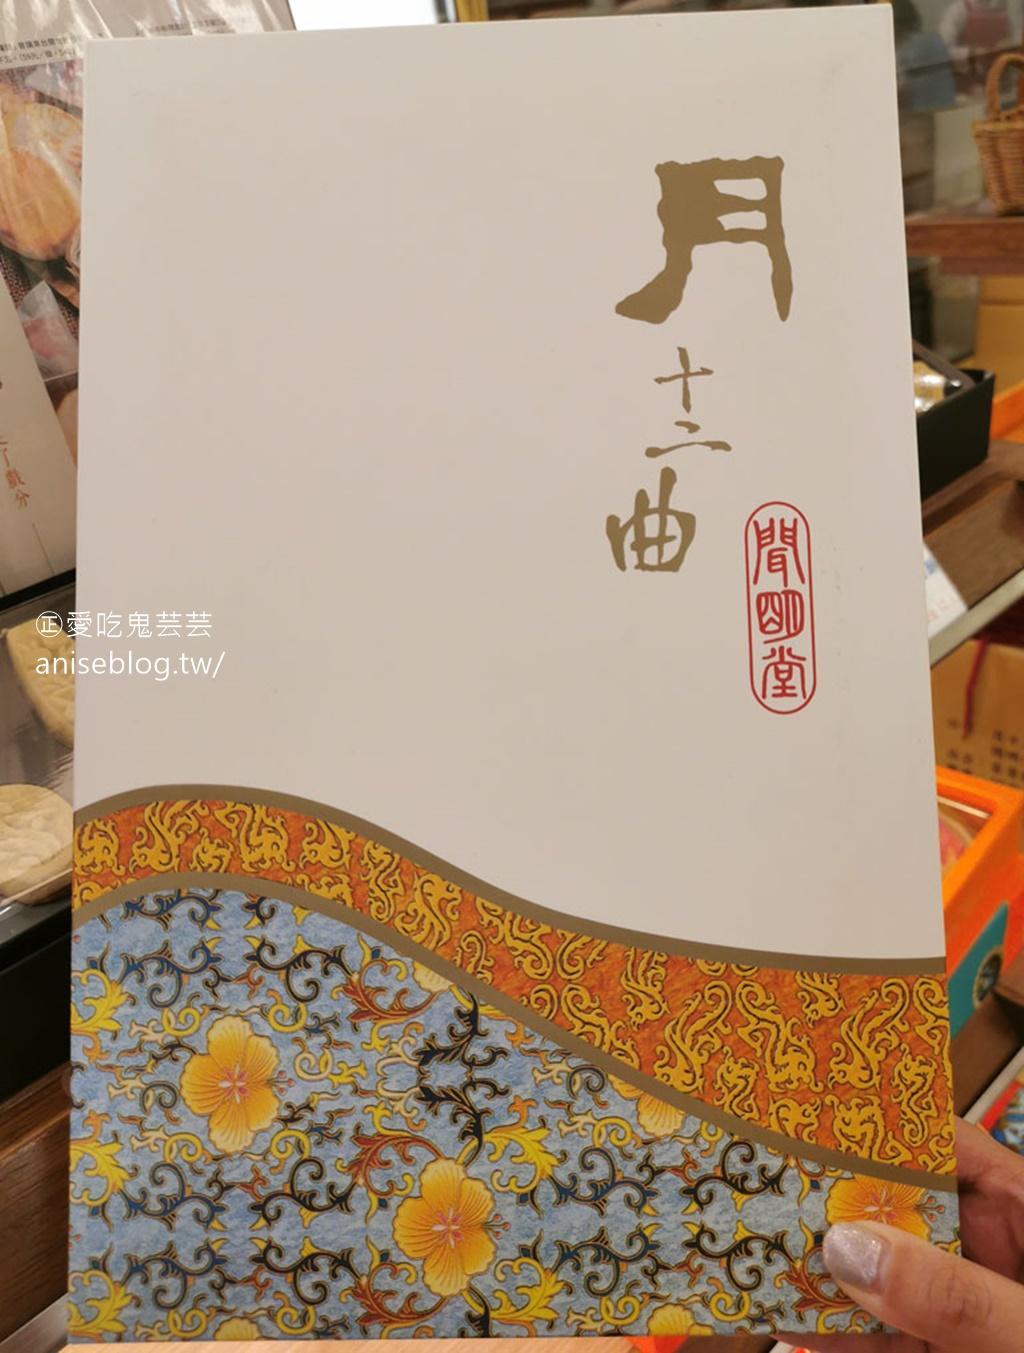 月十二曲(聞明堂)養汁芋頭酥,芋頭控必吃